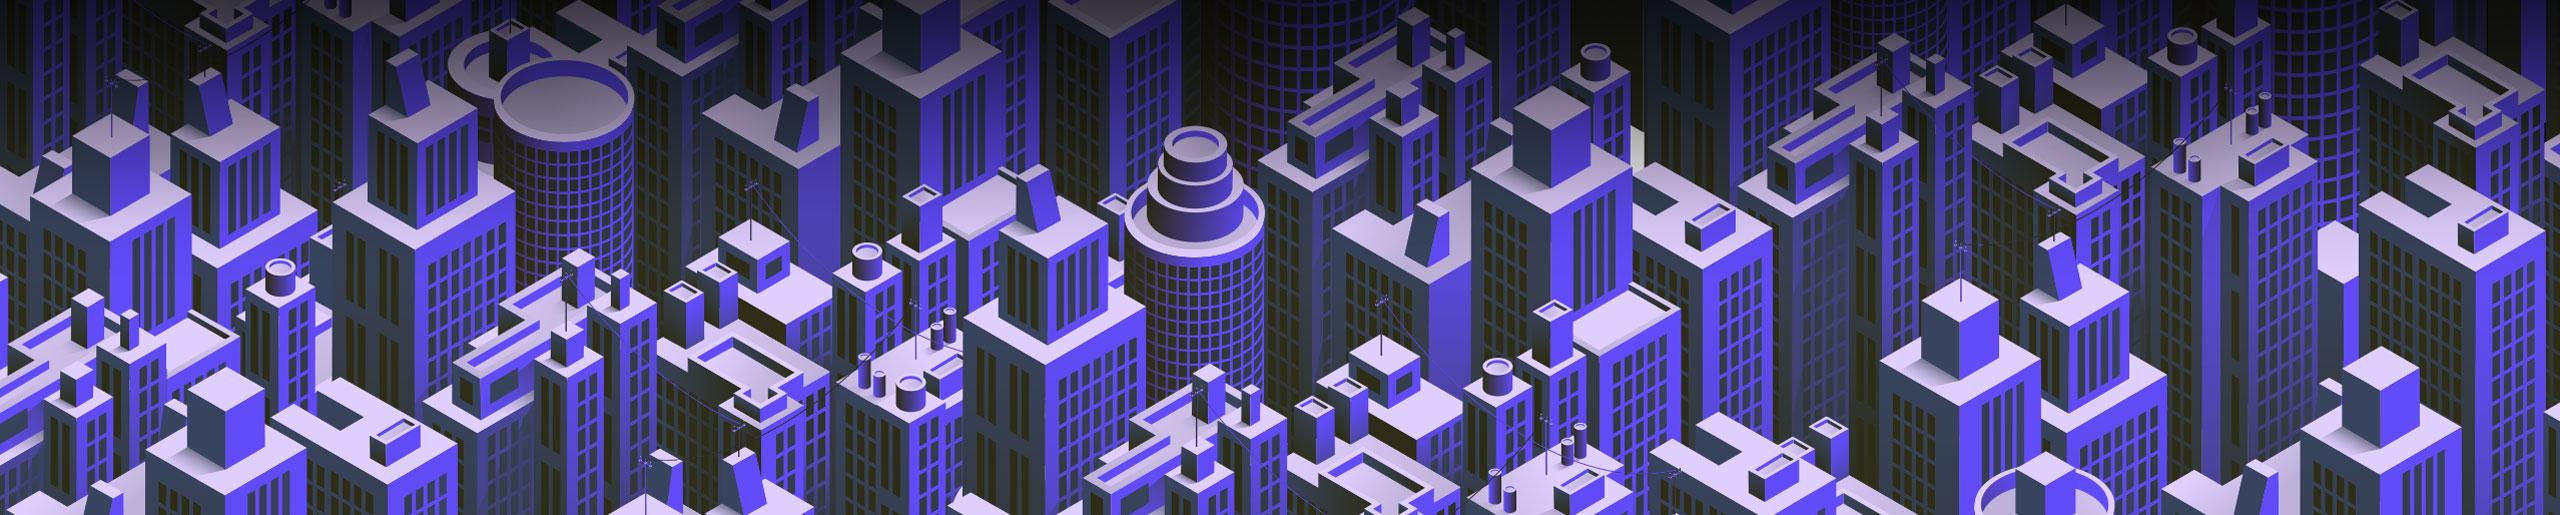 Isometric Round City Building